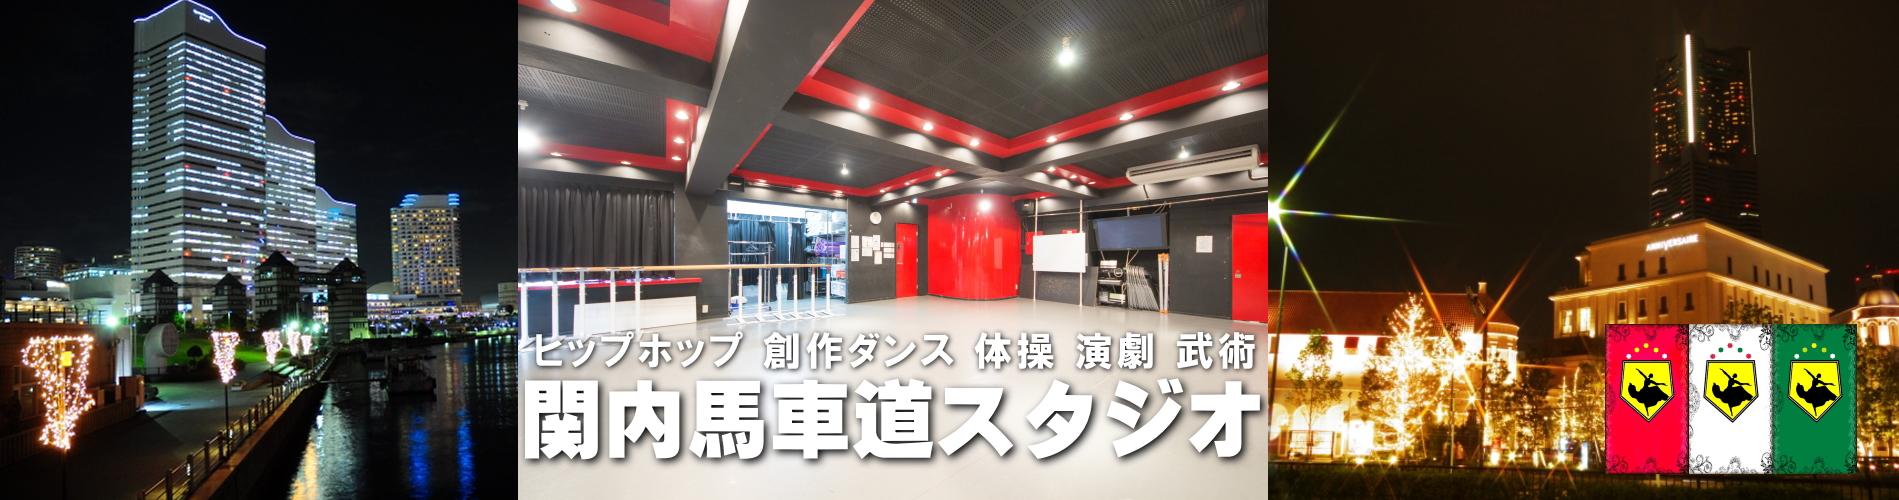 横浜市関内にある レンタルスタジオ・レンタルスペース 2